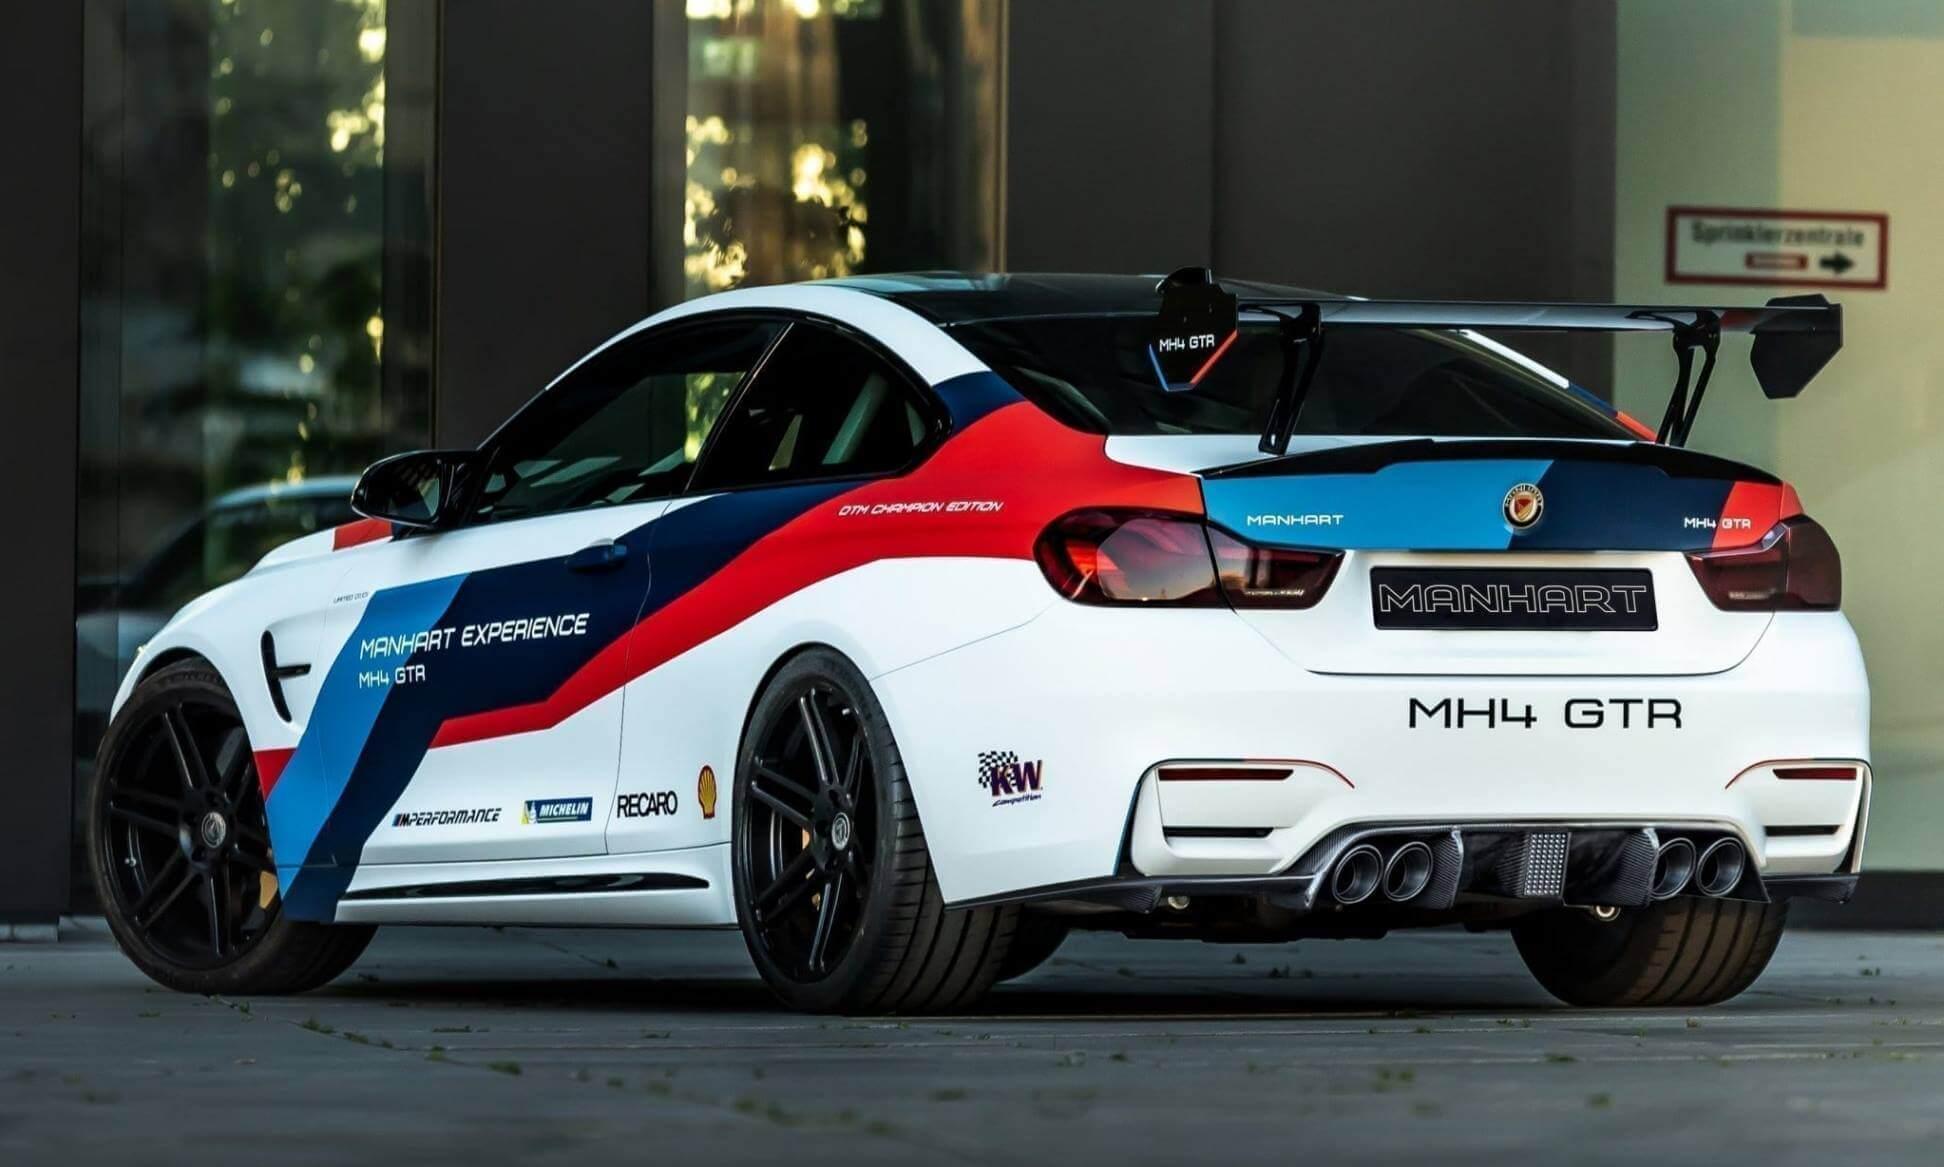 Тюнинг-ателье Manhart представило трековое купе MH4 GTR: проект создан на базе BMW M4 DTM Champion Edition, восходящей к M4 GTS.